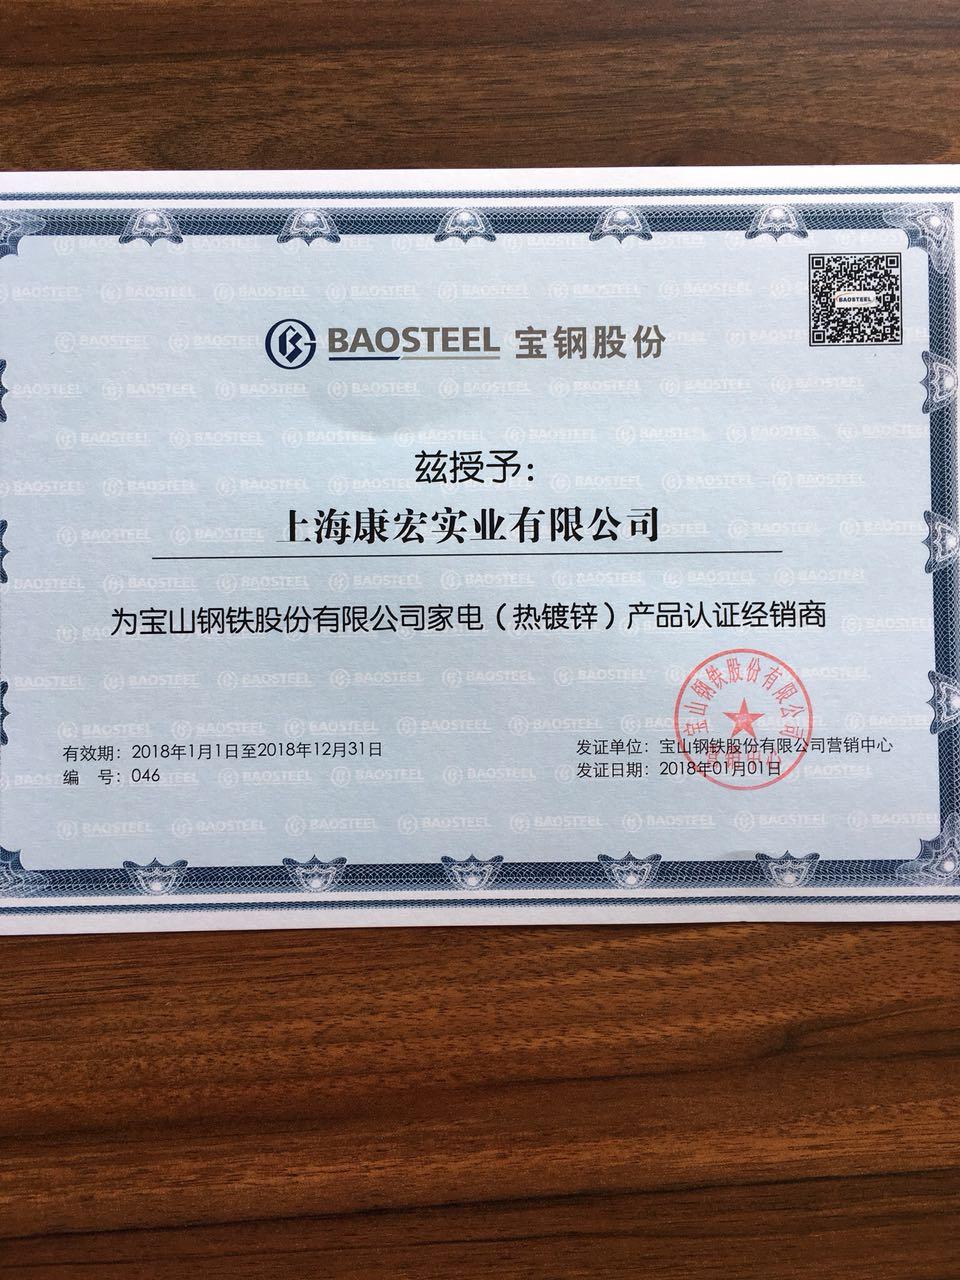 宝钢股份正式授权上海康宏实业有限公司为家电(热镀锌)产品经销商